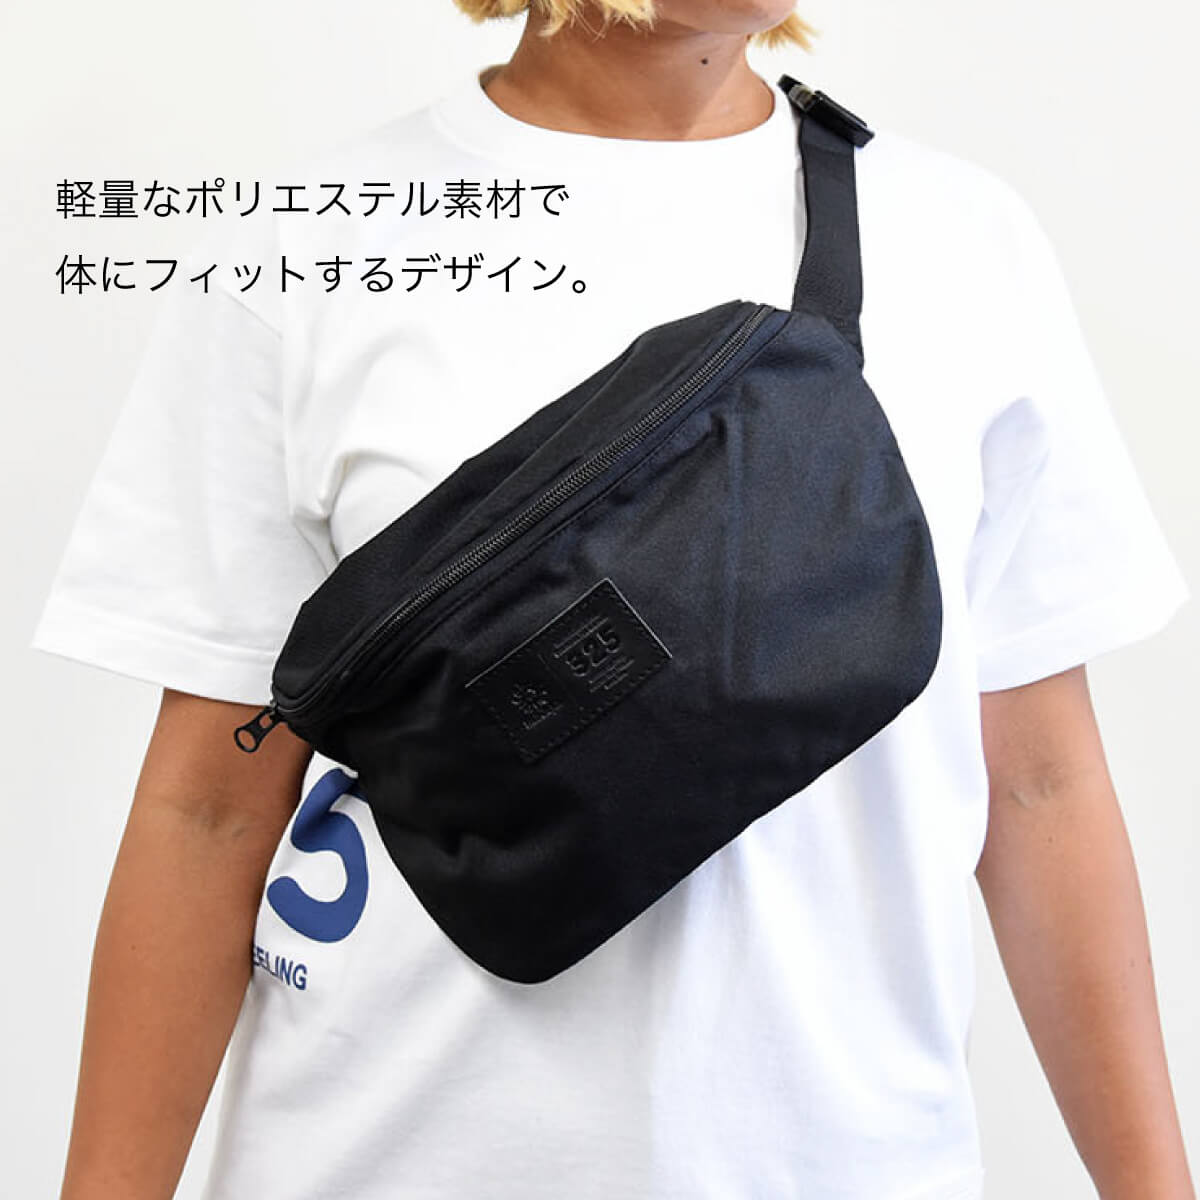 ユニセックス ボディバッグ レザータグ 【325】